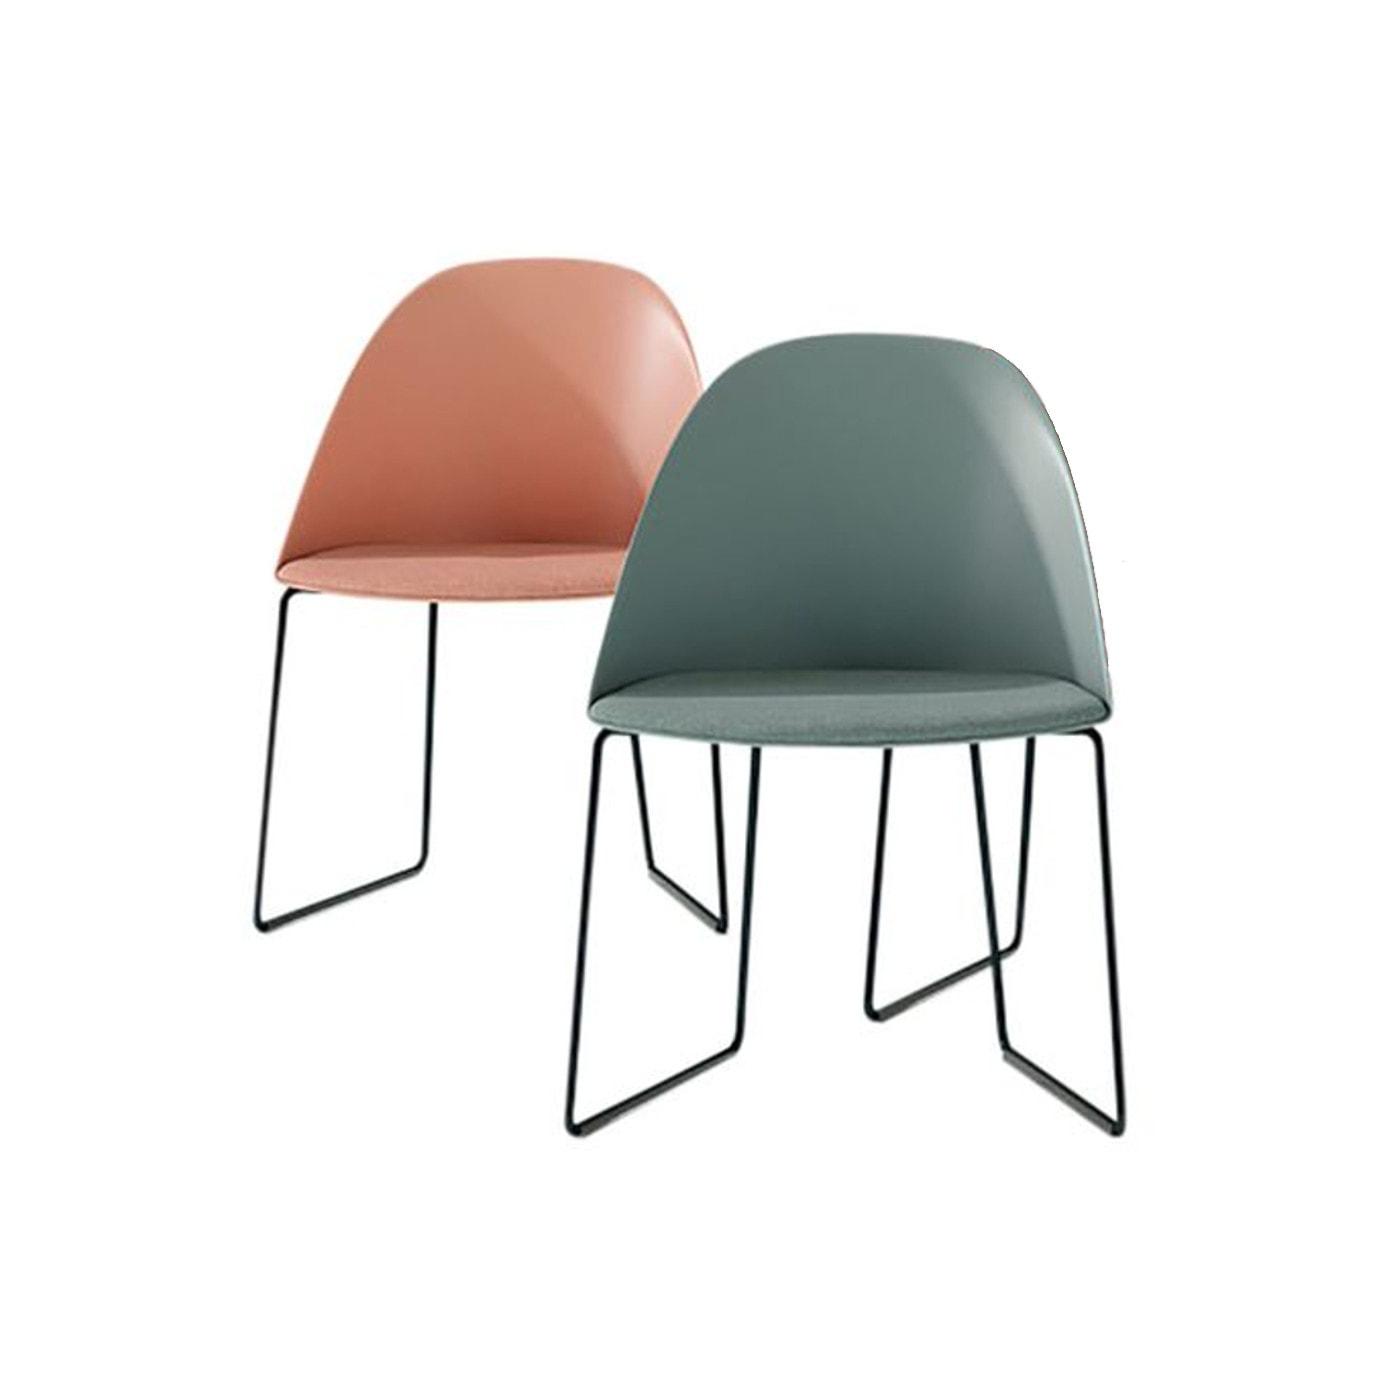 ARPER Cila a slitta seduta ospiti e riunione - vendita online